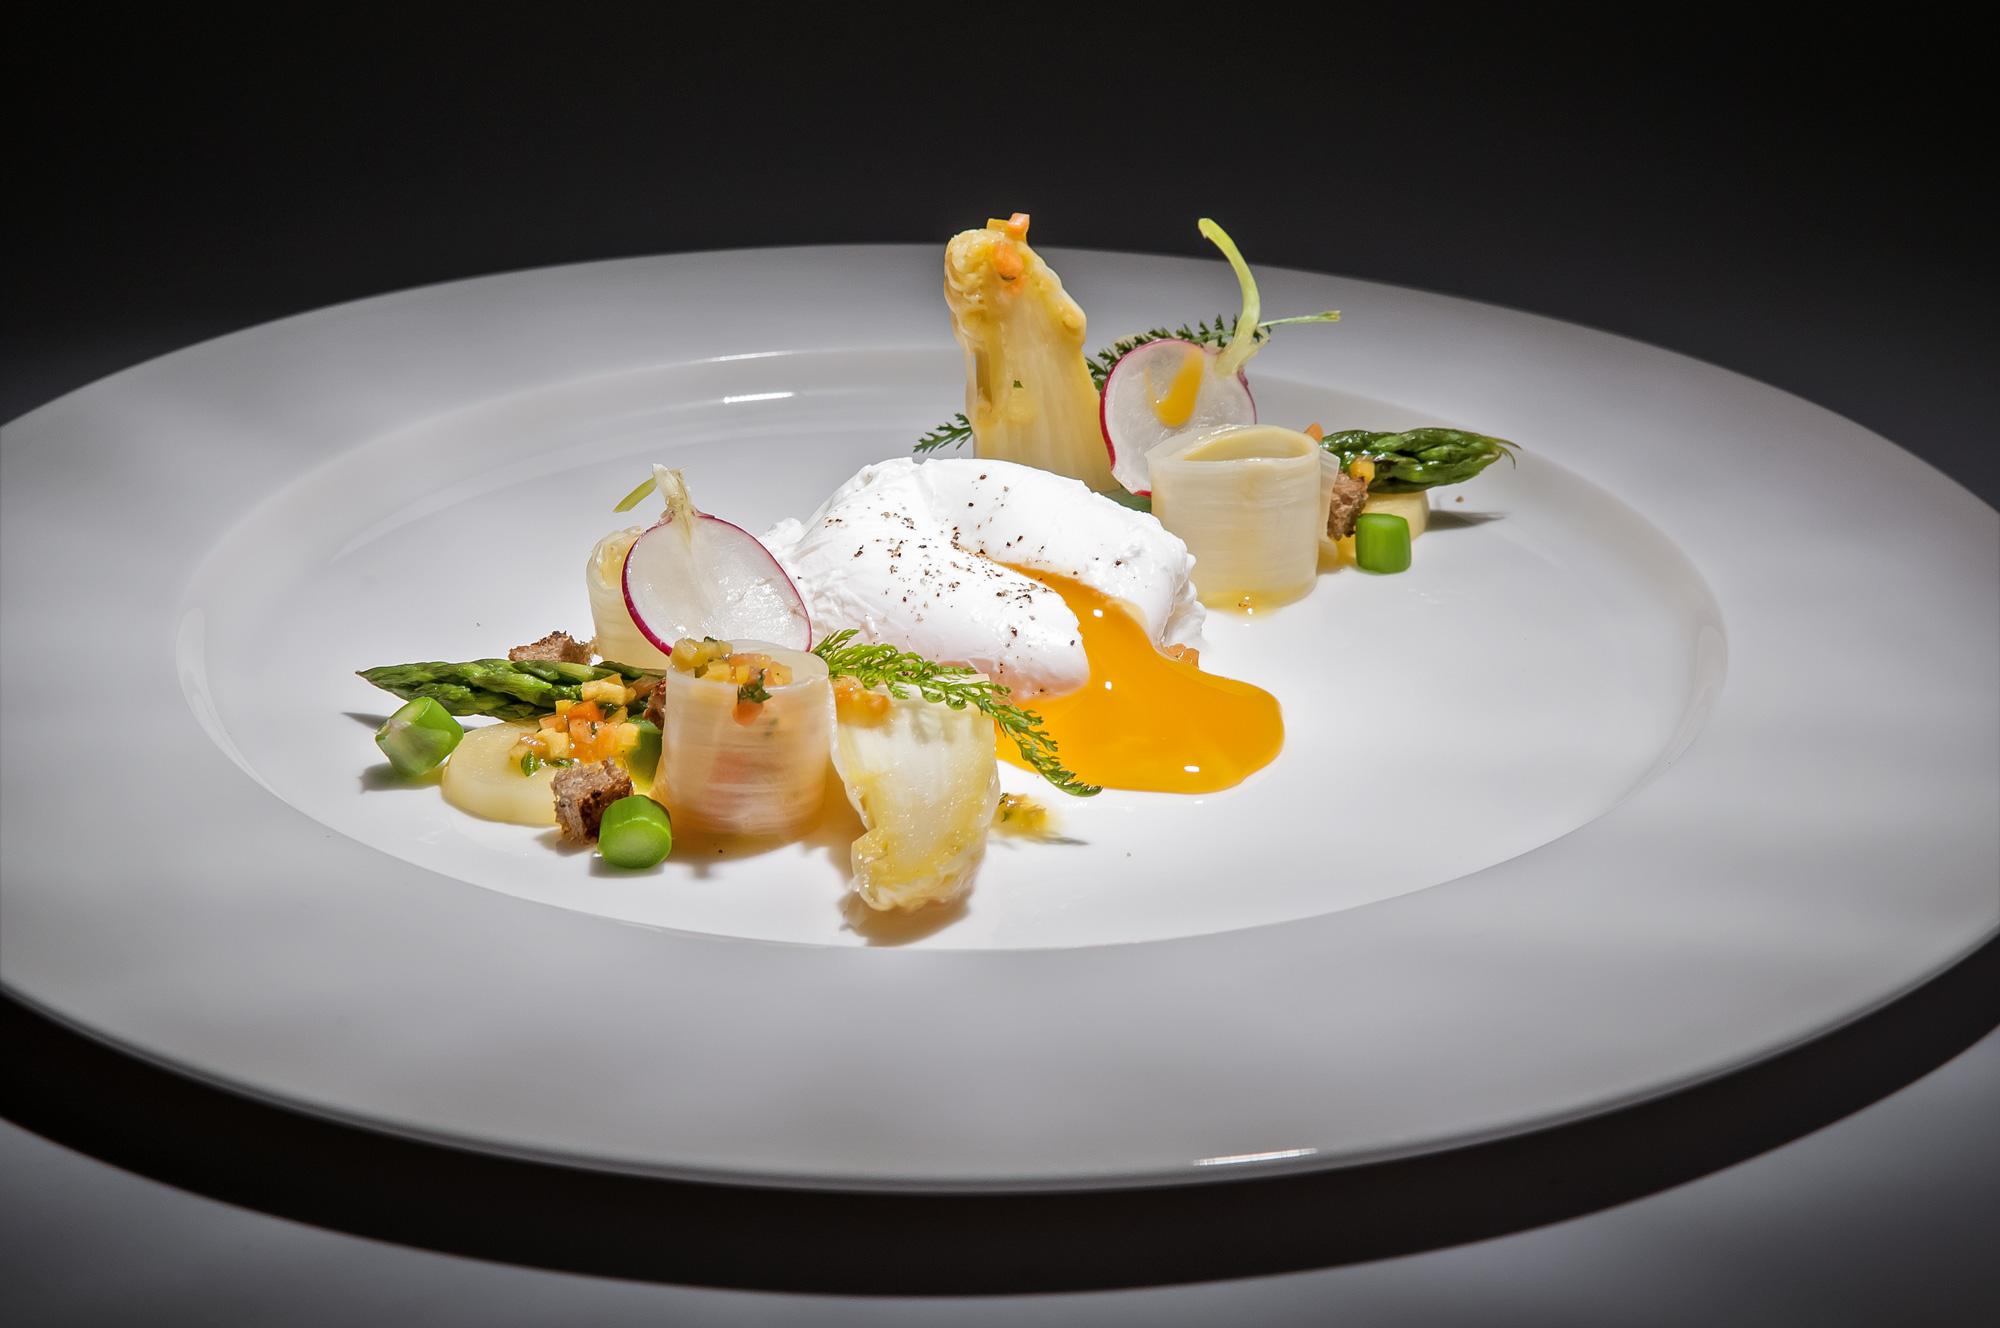 Chřestový salát se zastřeným vejcem